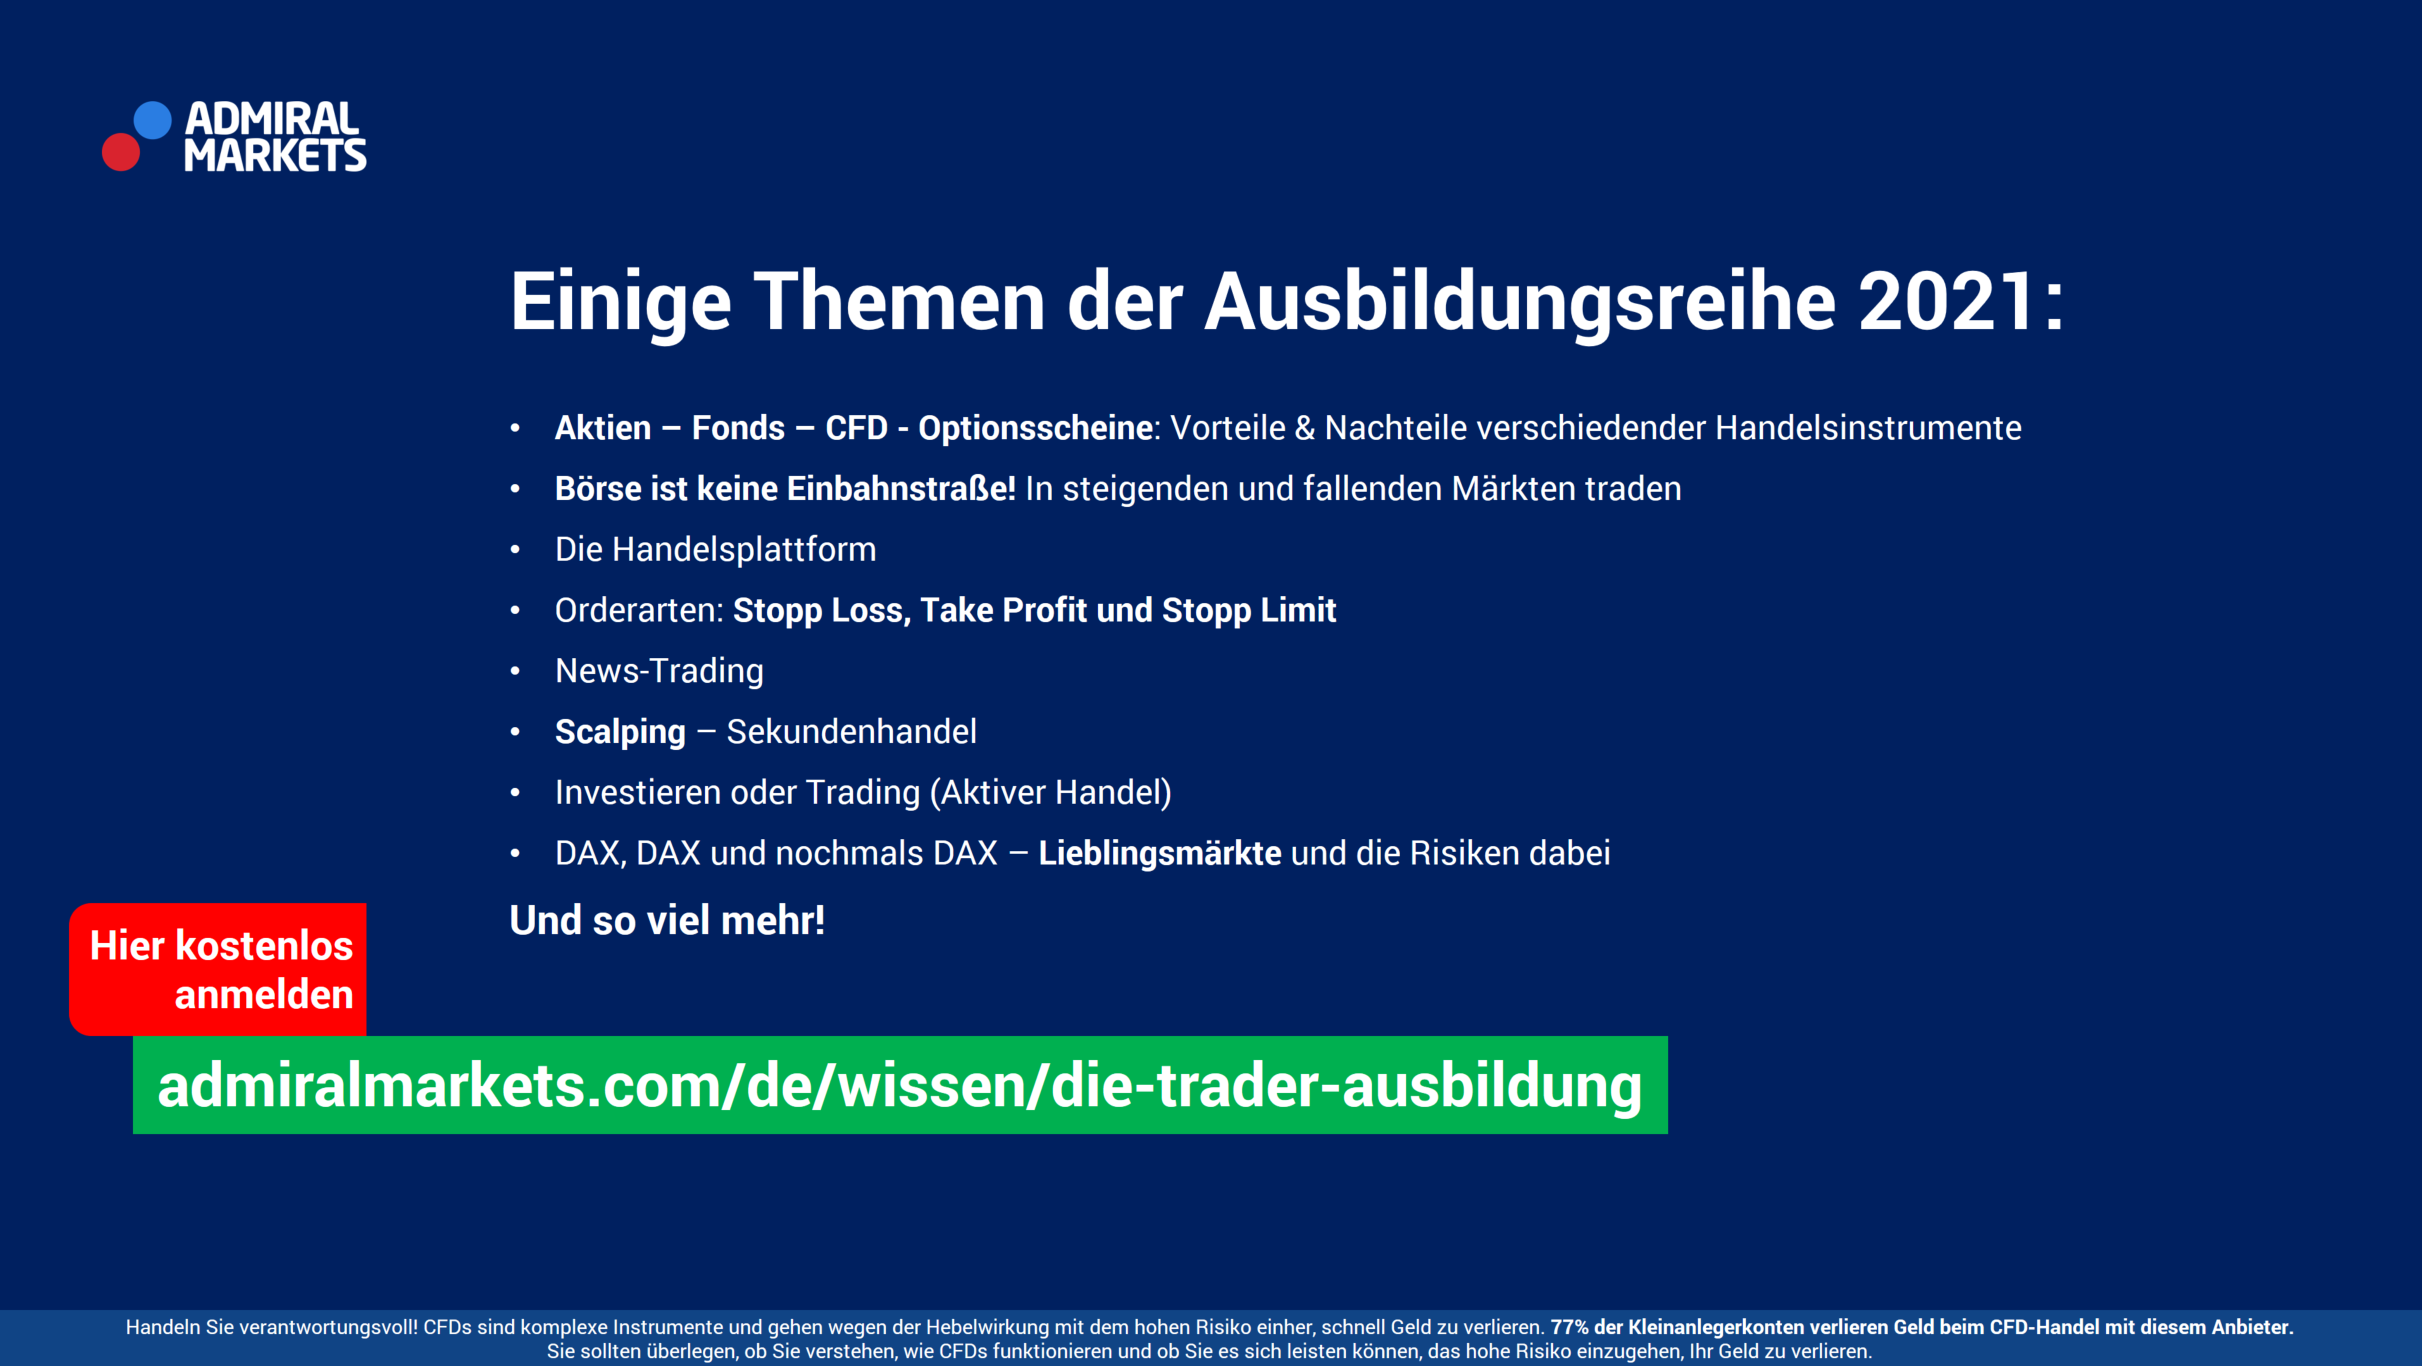 Daytrading-mit-Jochen-Schmidt-Analyse-Markttechnik-Forex-CFD-Aktien-Rohstoffe-23-02-2021-Jens-Chrzanowski-GodmodeTrader.de-4